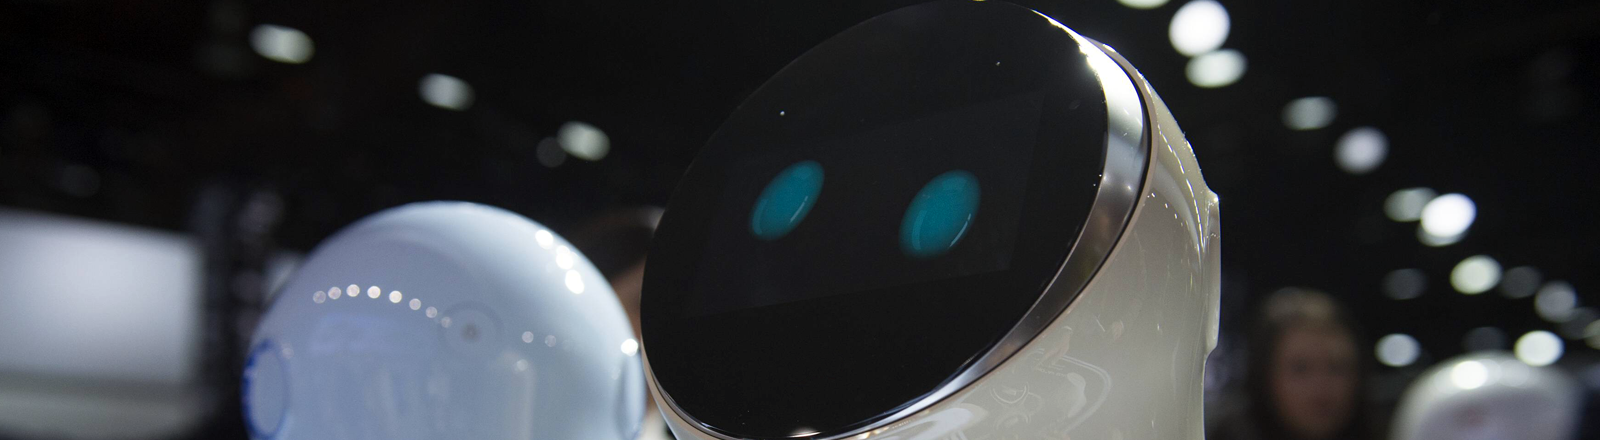 Der LG Hub Bot nutzt die Alexa-Technologie von Amazon